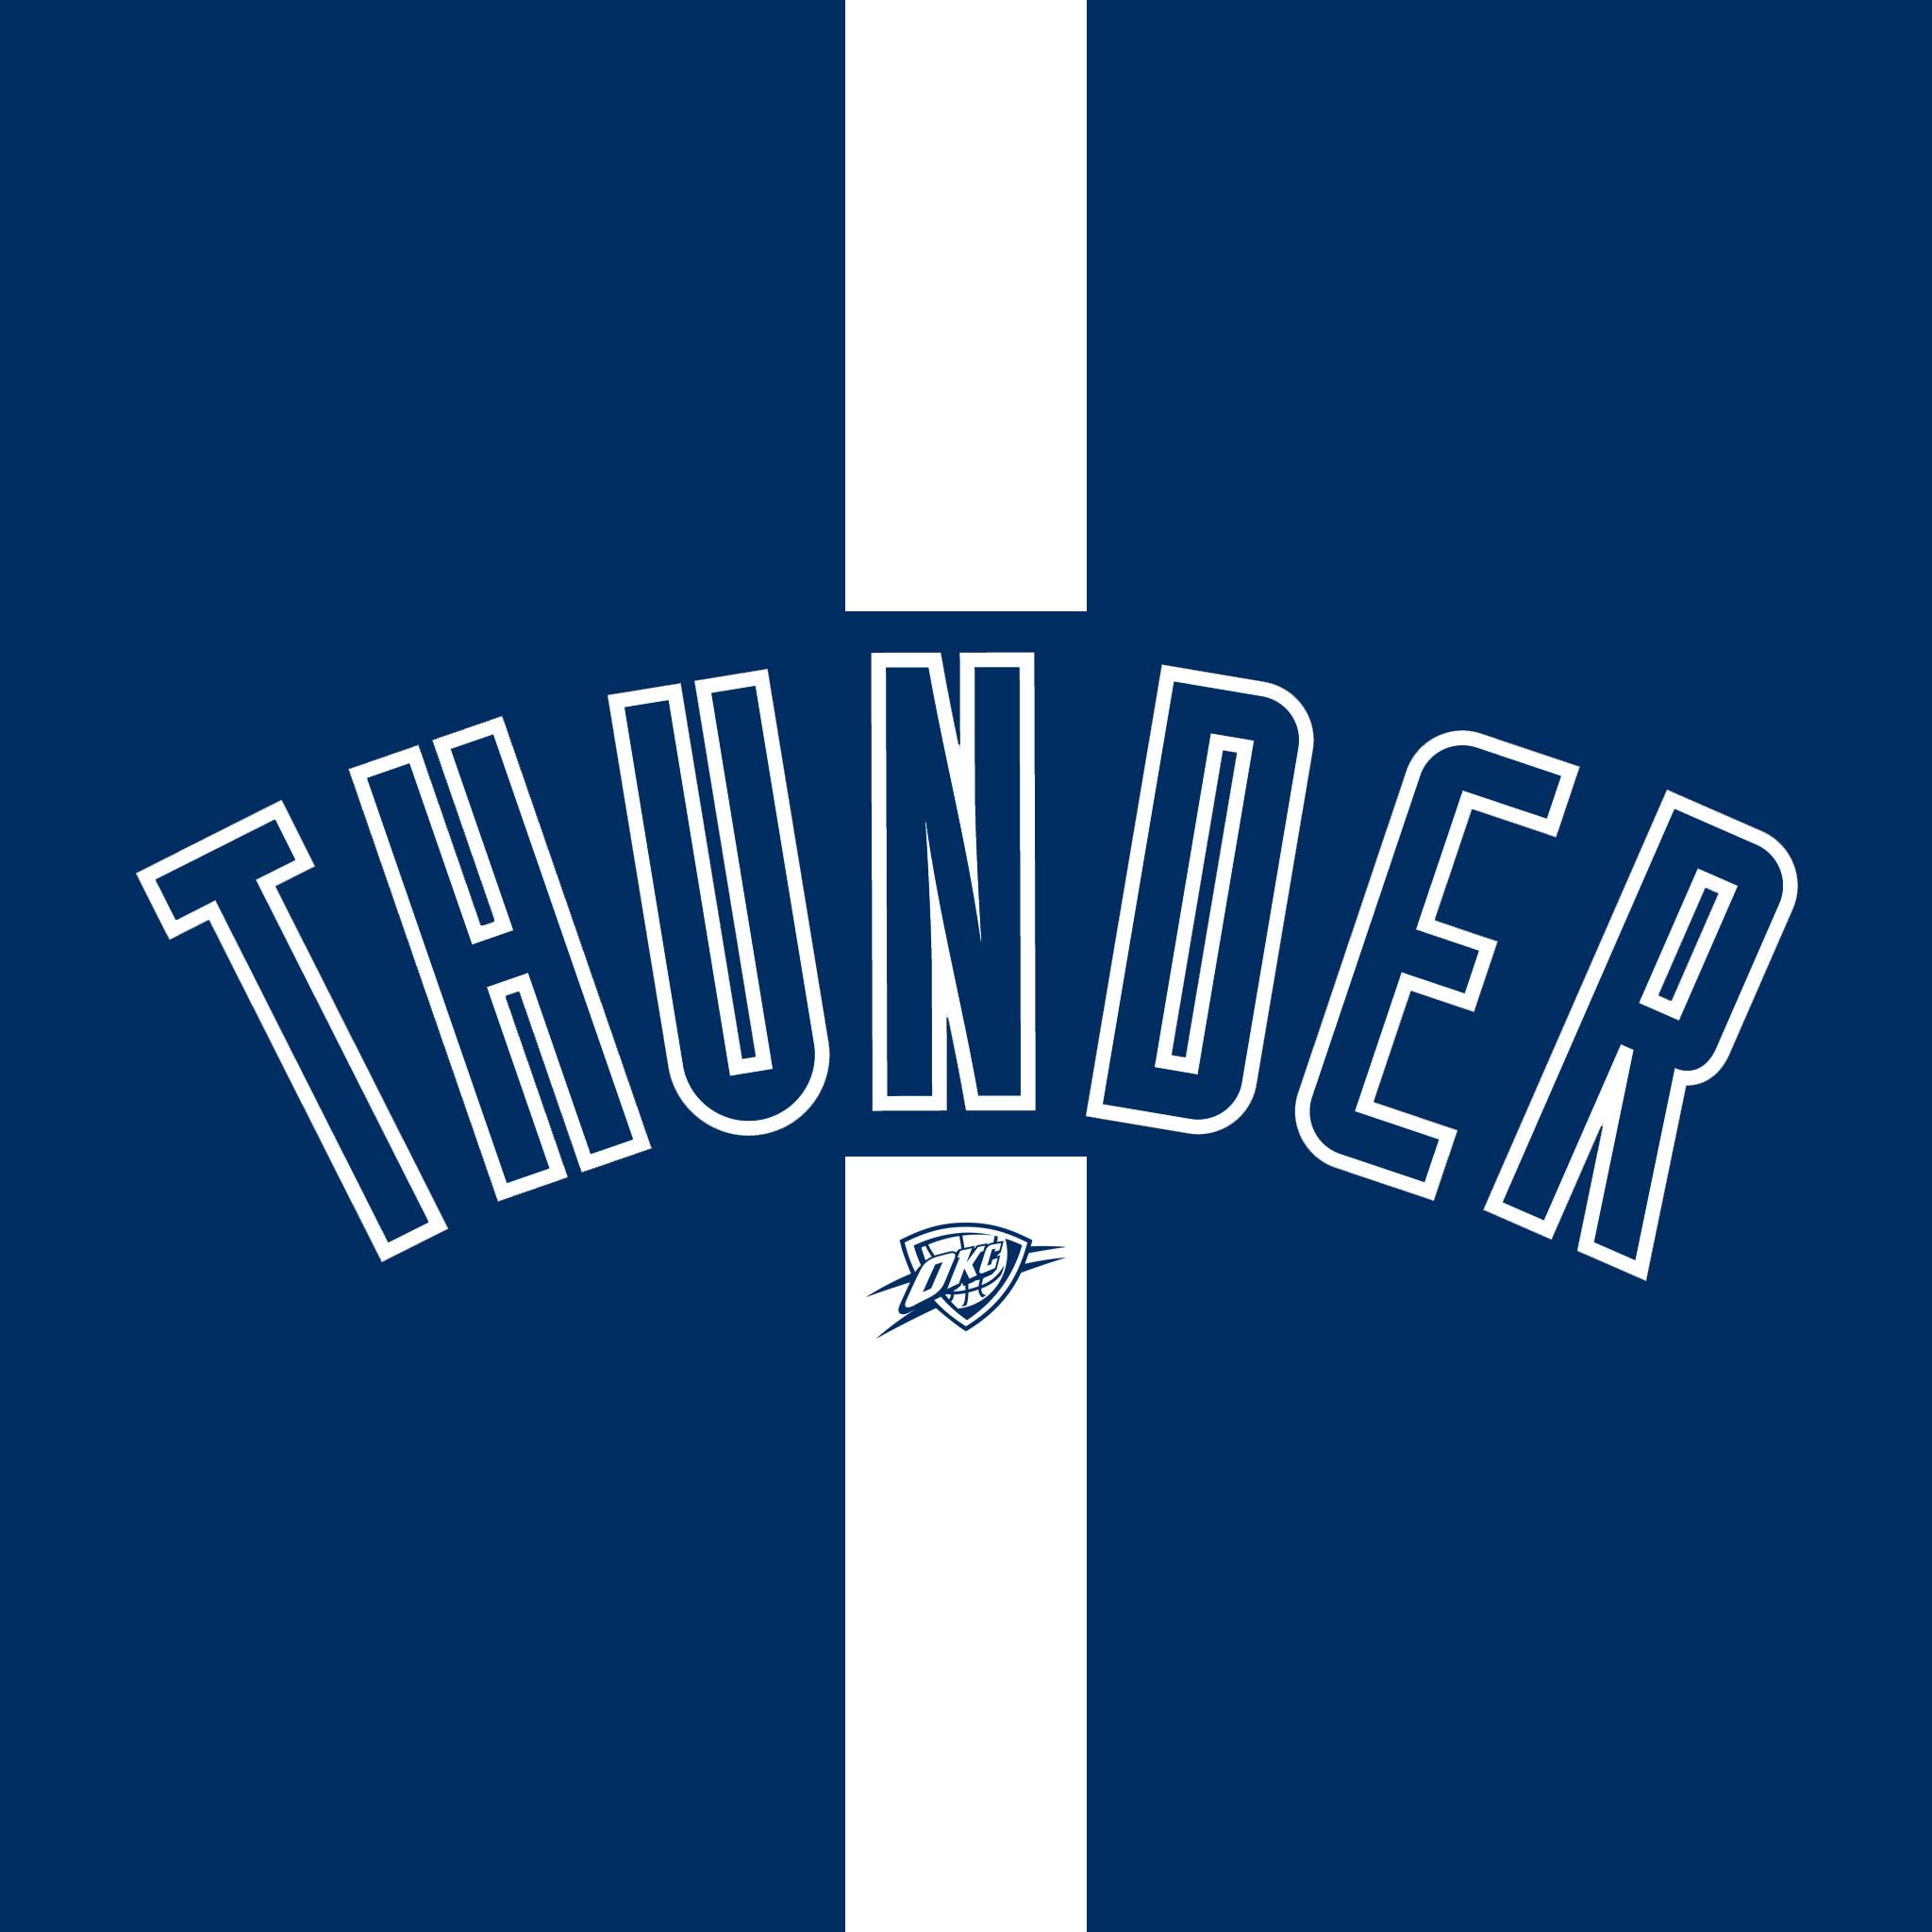 Oklahoma City Thunder HD Wallpaper – WallpaperSafari | All Wallpapers |  Pinterest | Oklahoma city thunder and Wallpaper